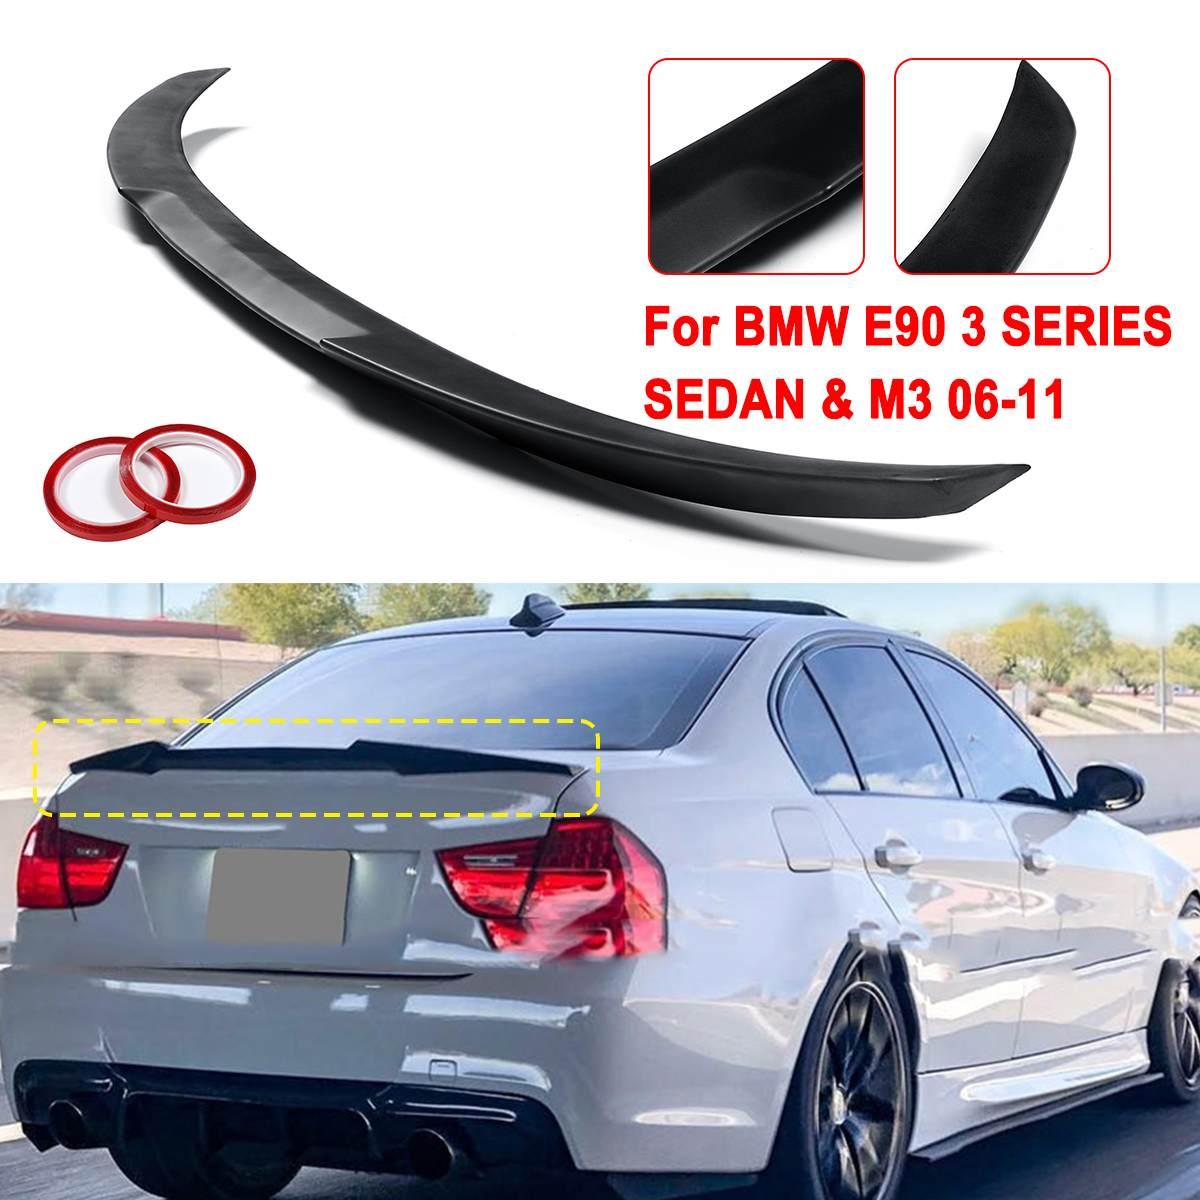 ماتي/لامع أسود/ألياف الكربون نمط ABS الجذع المفسد الجناح M4-STYLE ل 2006-2011 ل BMW E90 3 سلسلة سيدان و M3 2008-2012